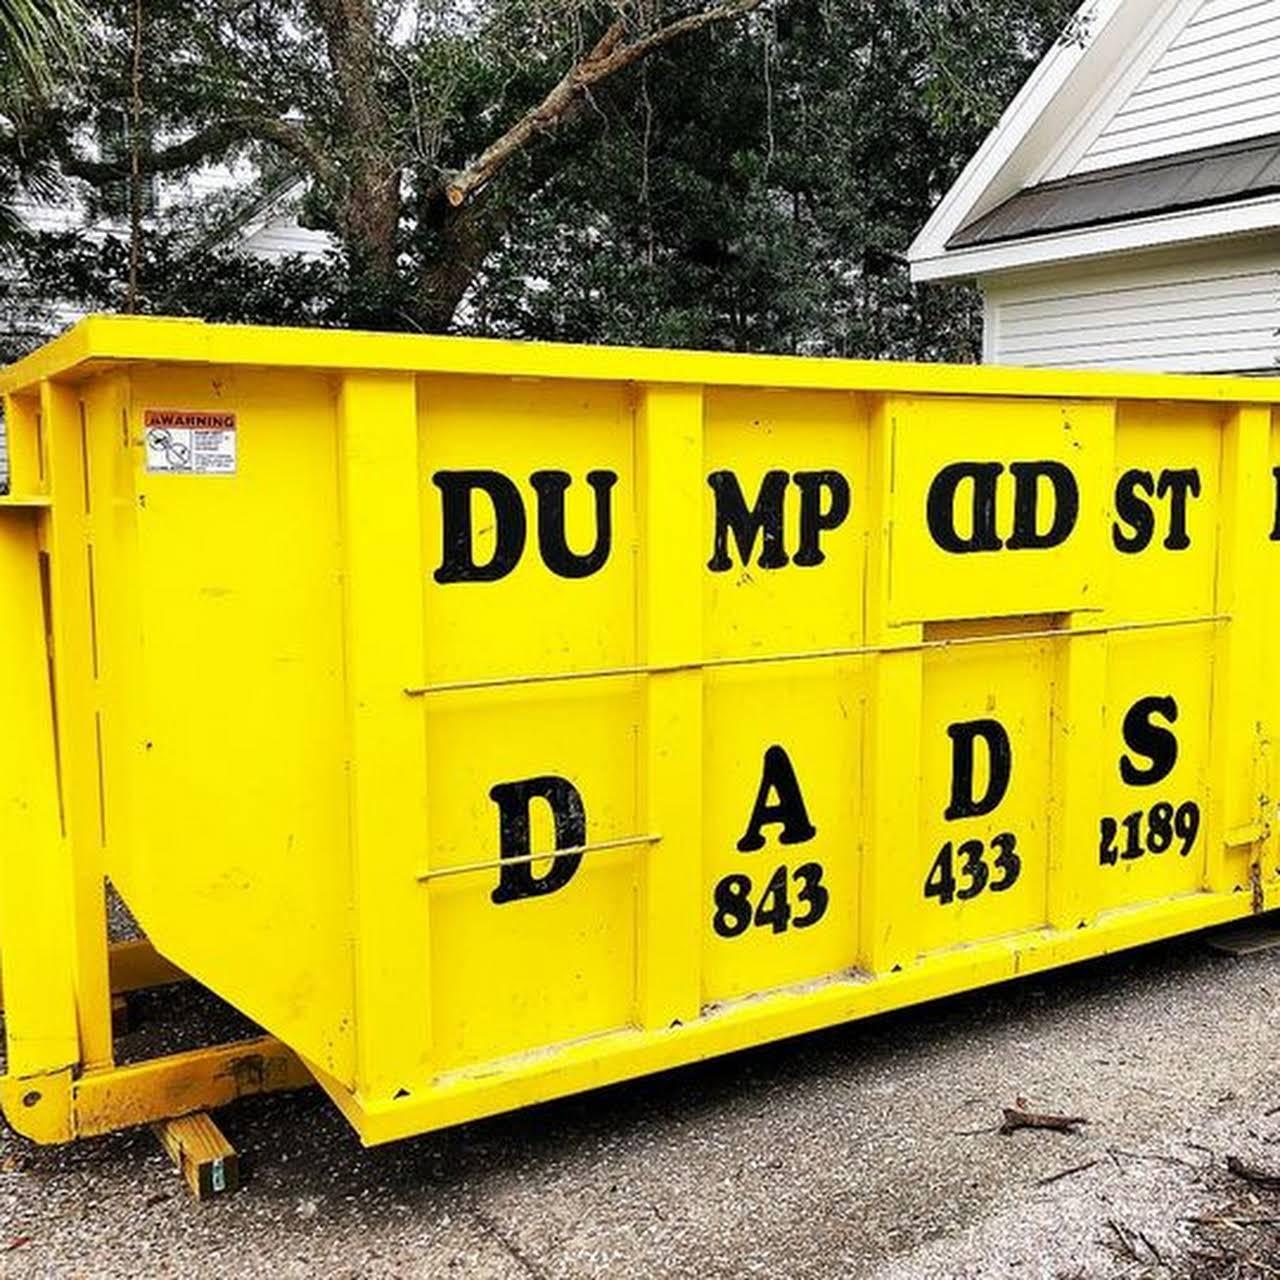 Dumpster Dads Dumpster Rental Charleston SC